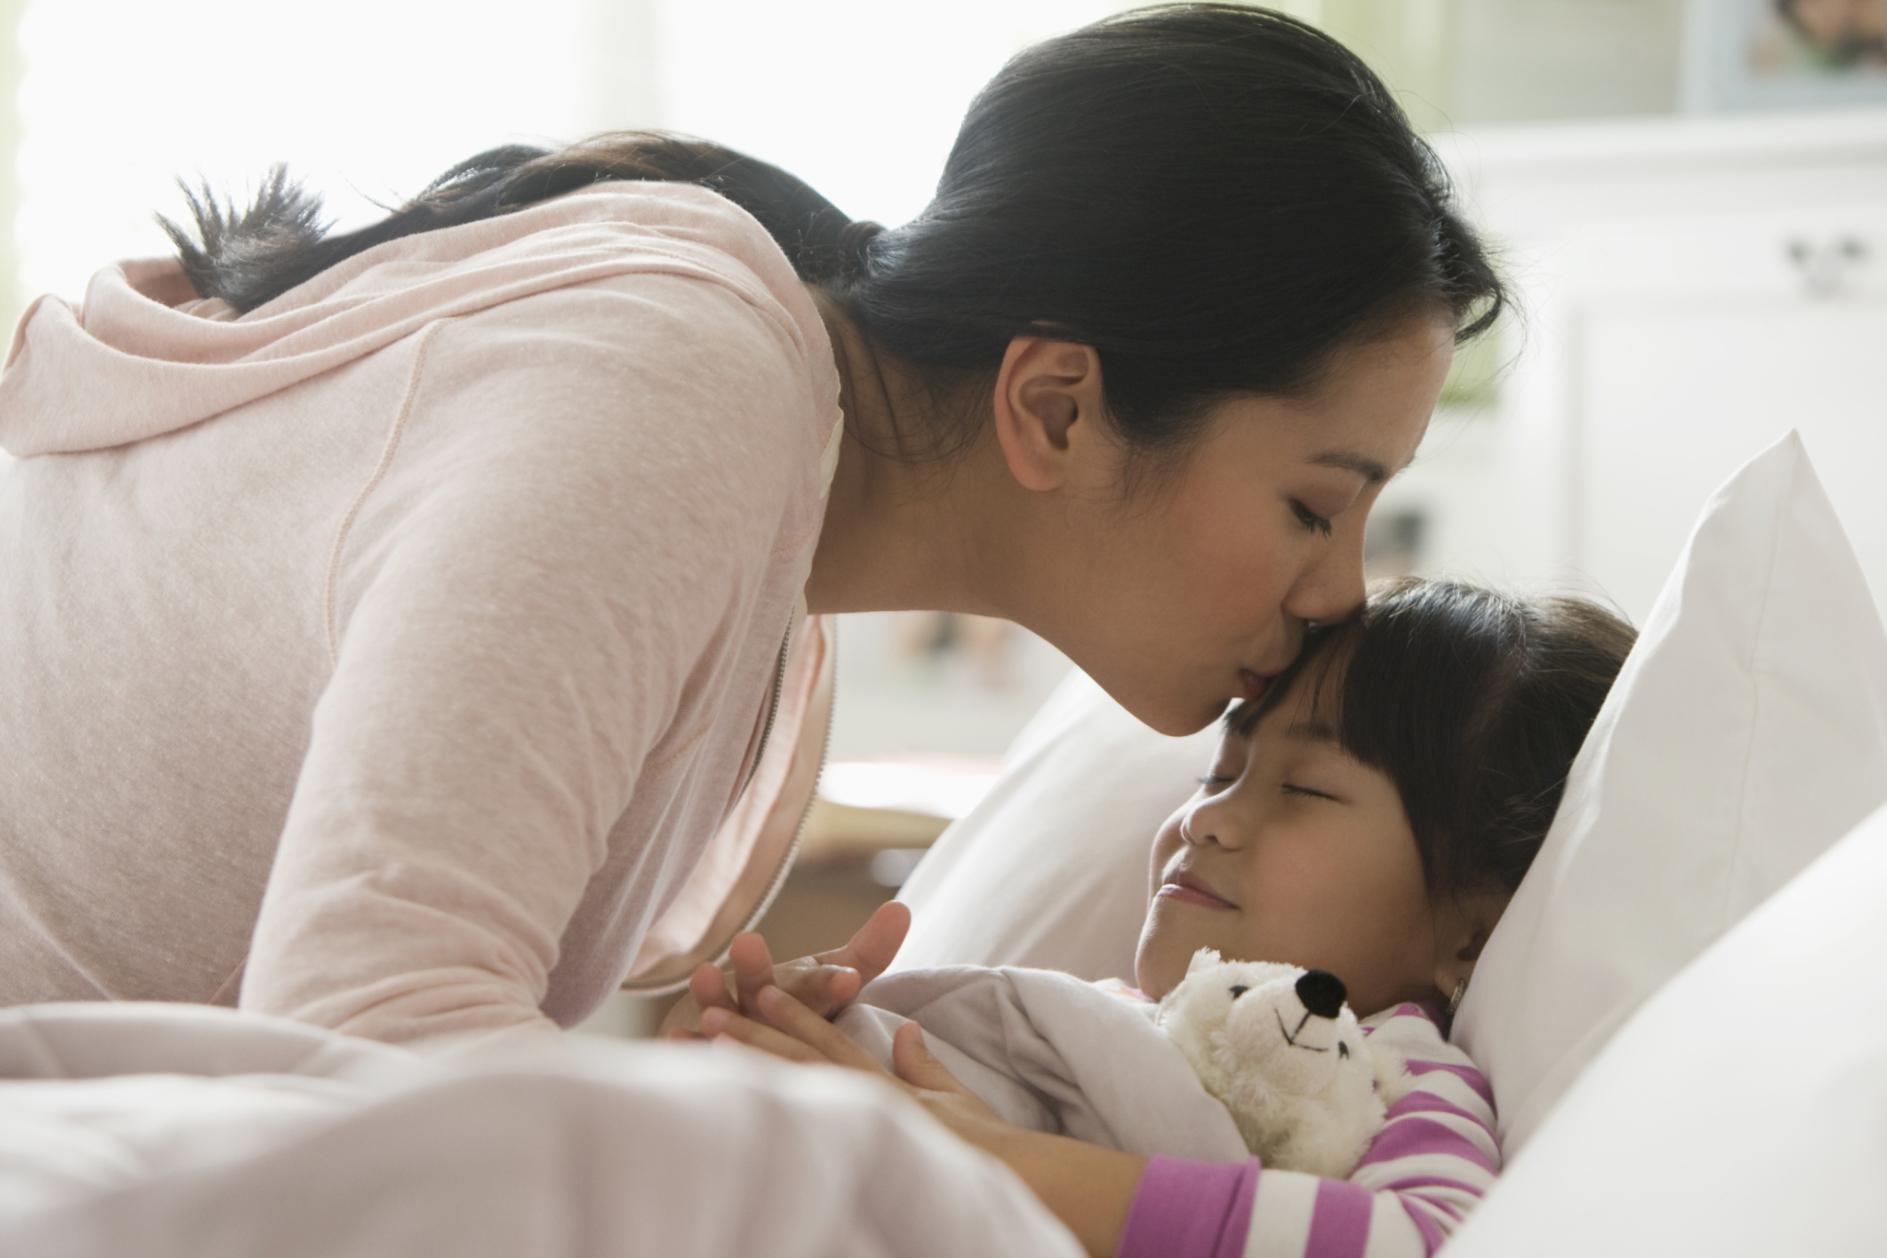 С читать спит сын матерью